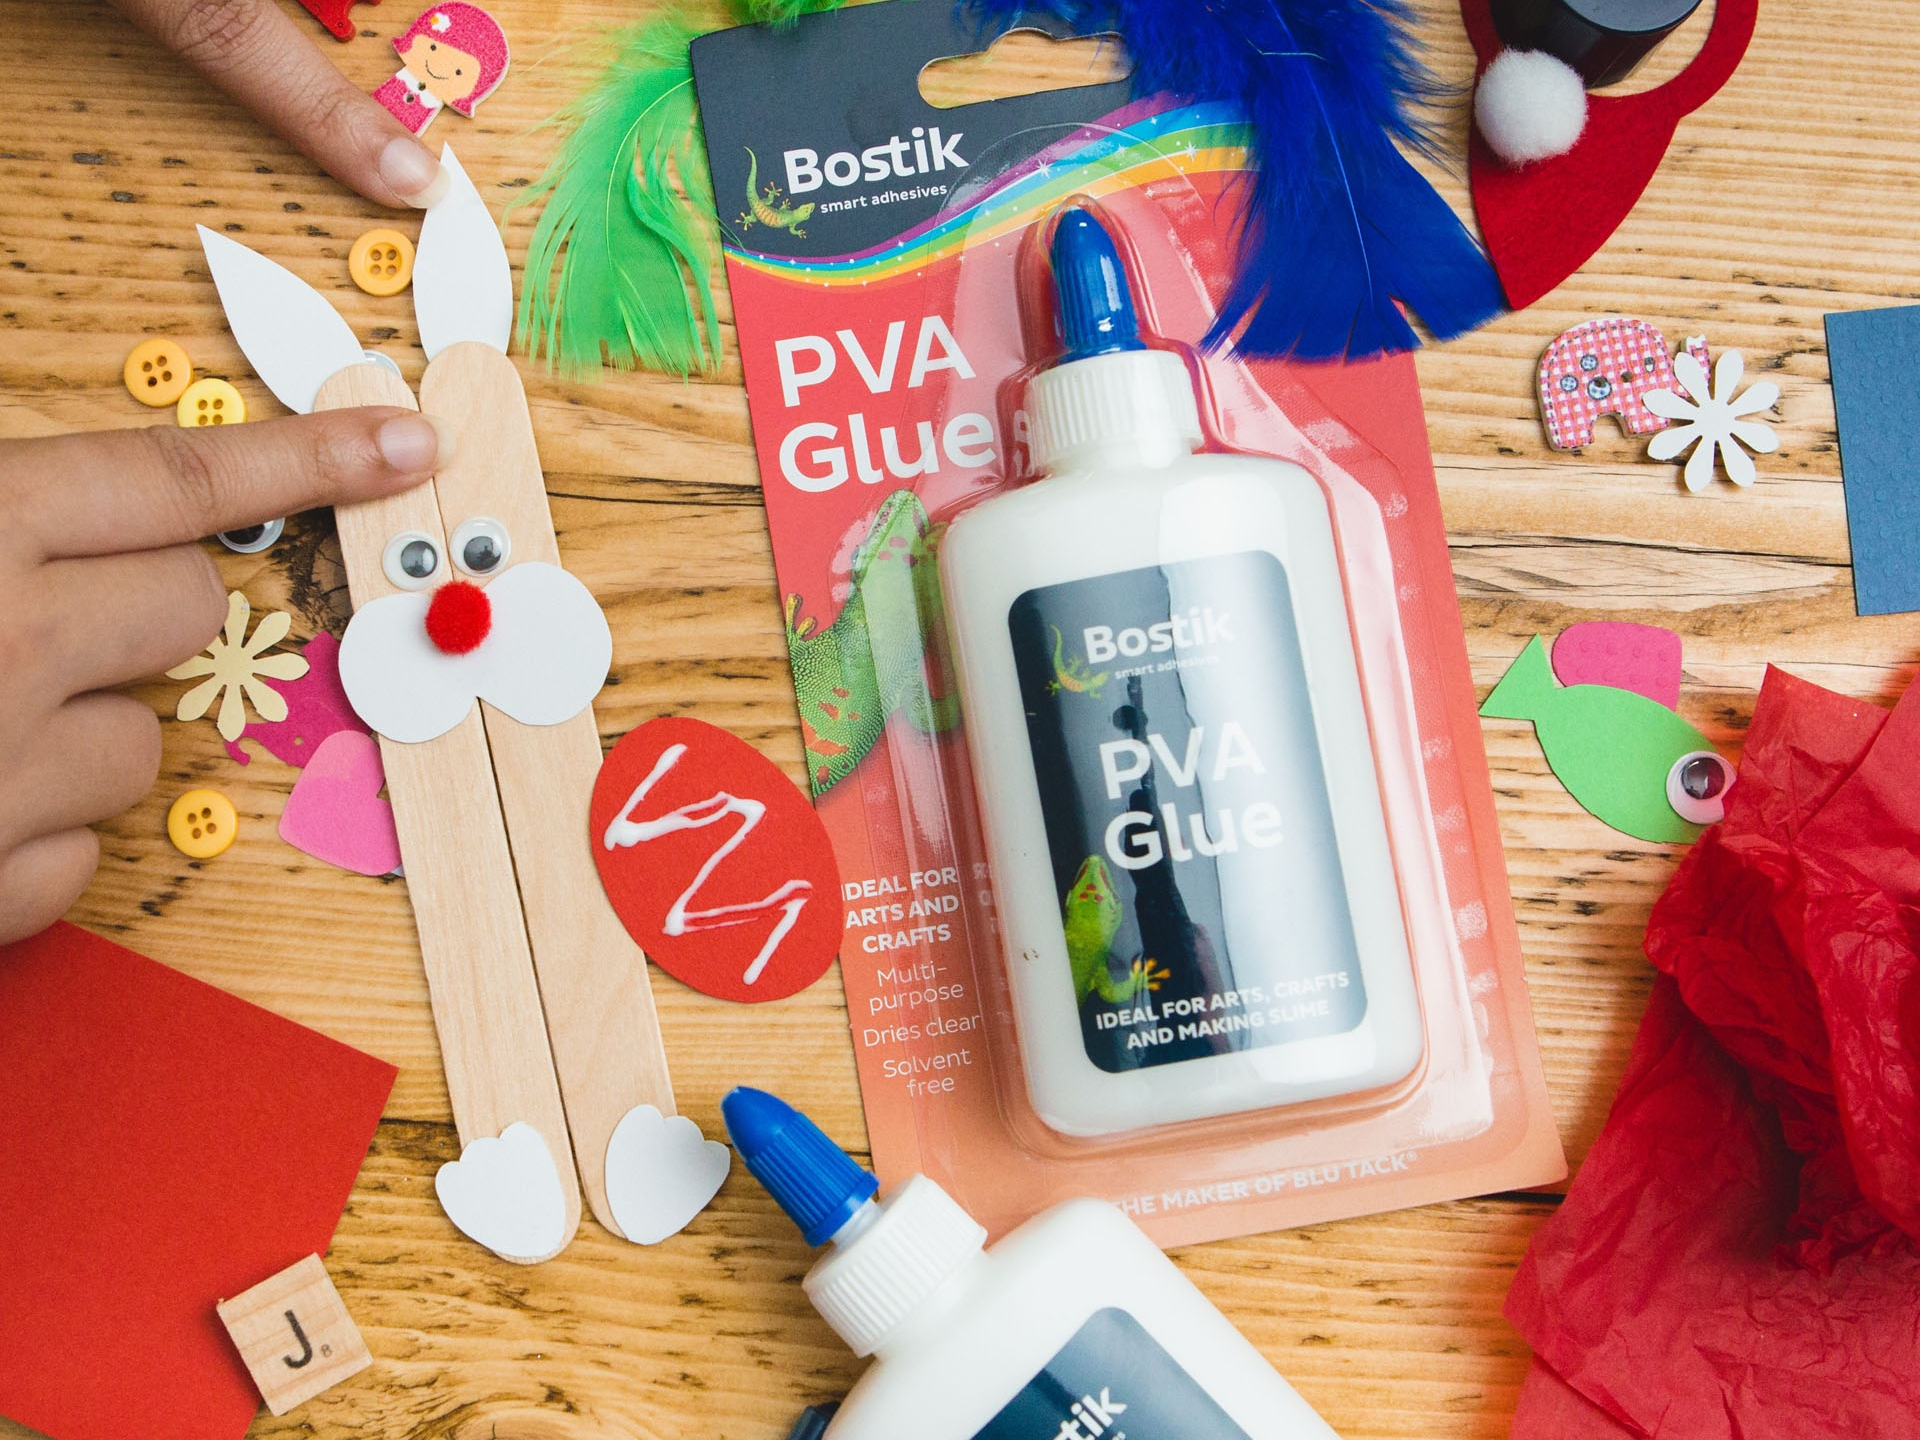 Bostik DIY Handy PVA Glue United Kingdom Packshot Version 2